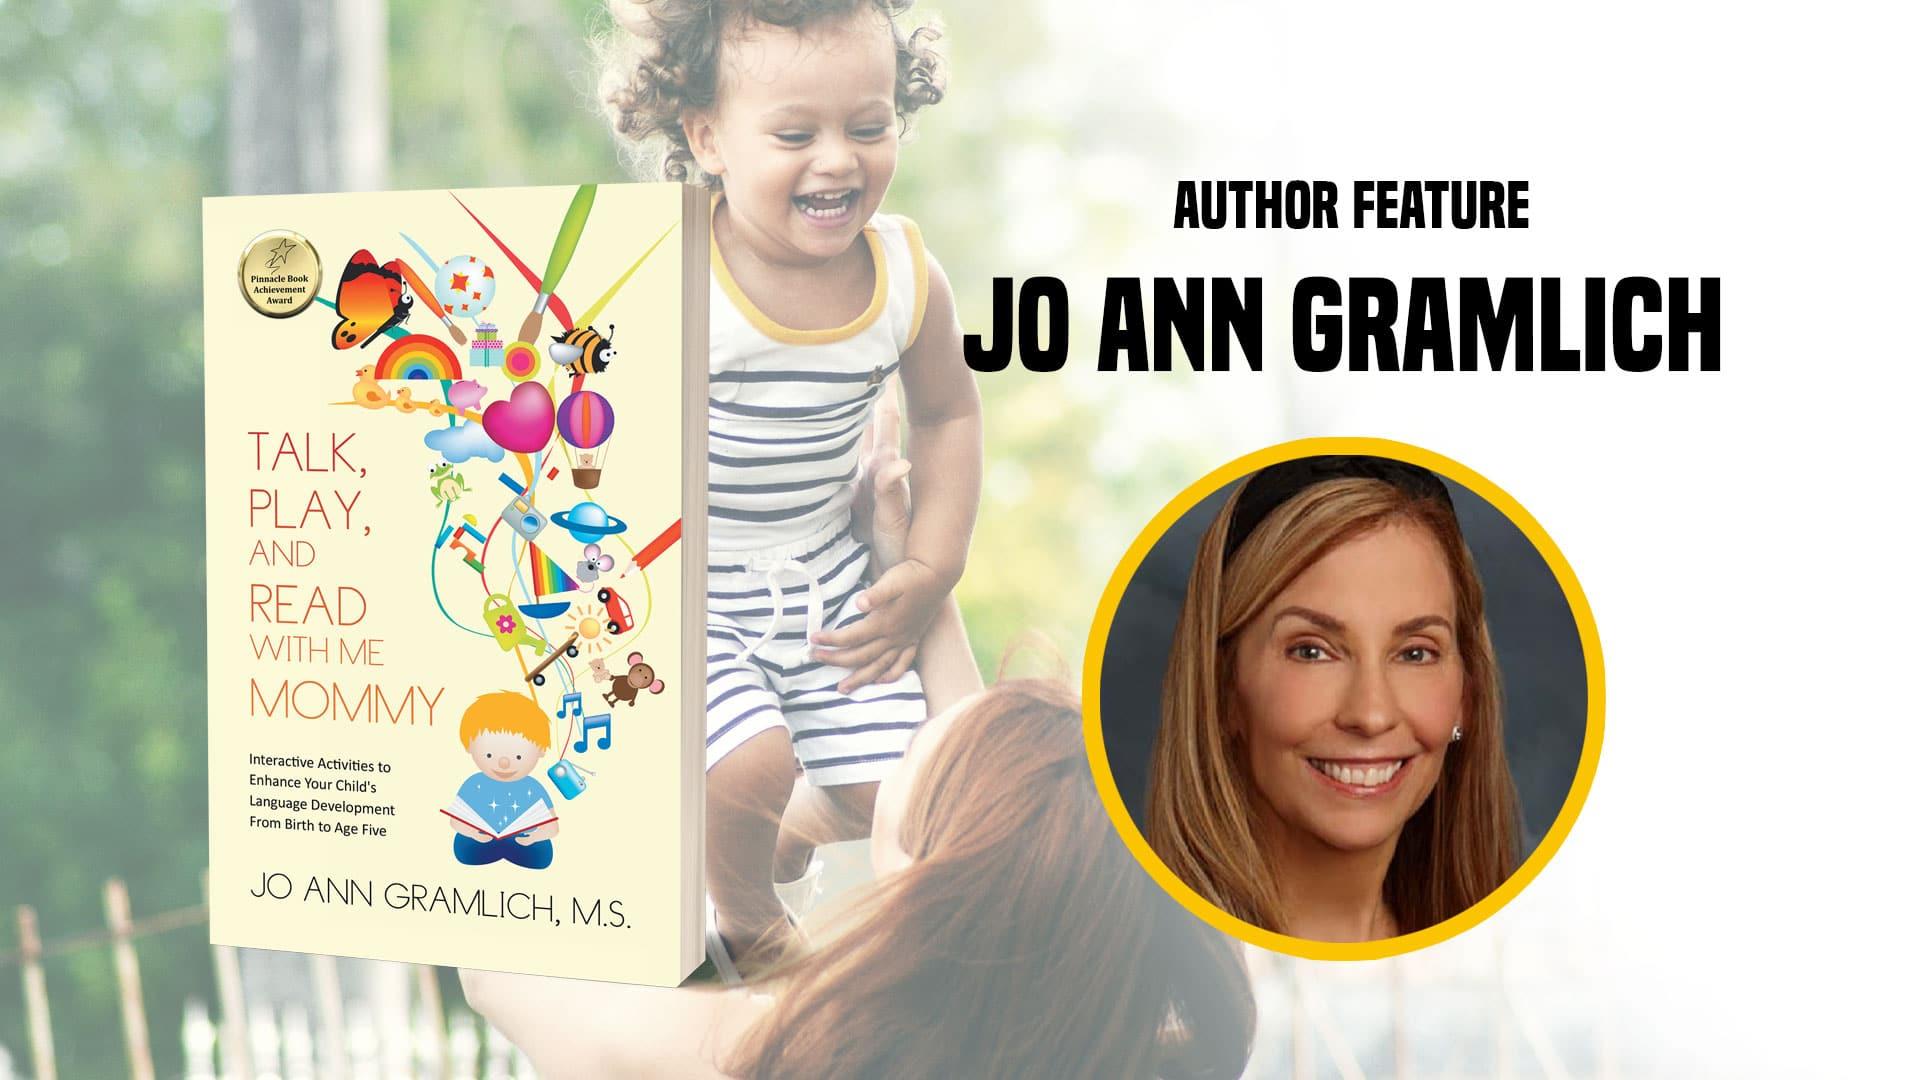 Author-Feature-Jo-Ann-Gramlich banner